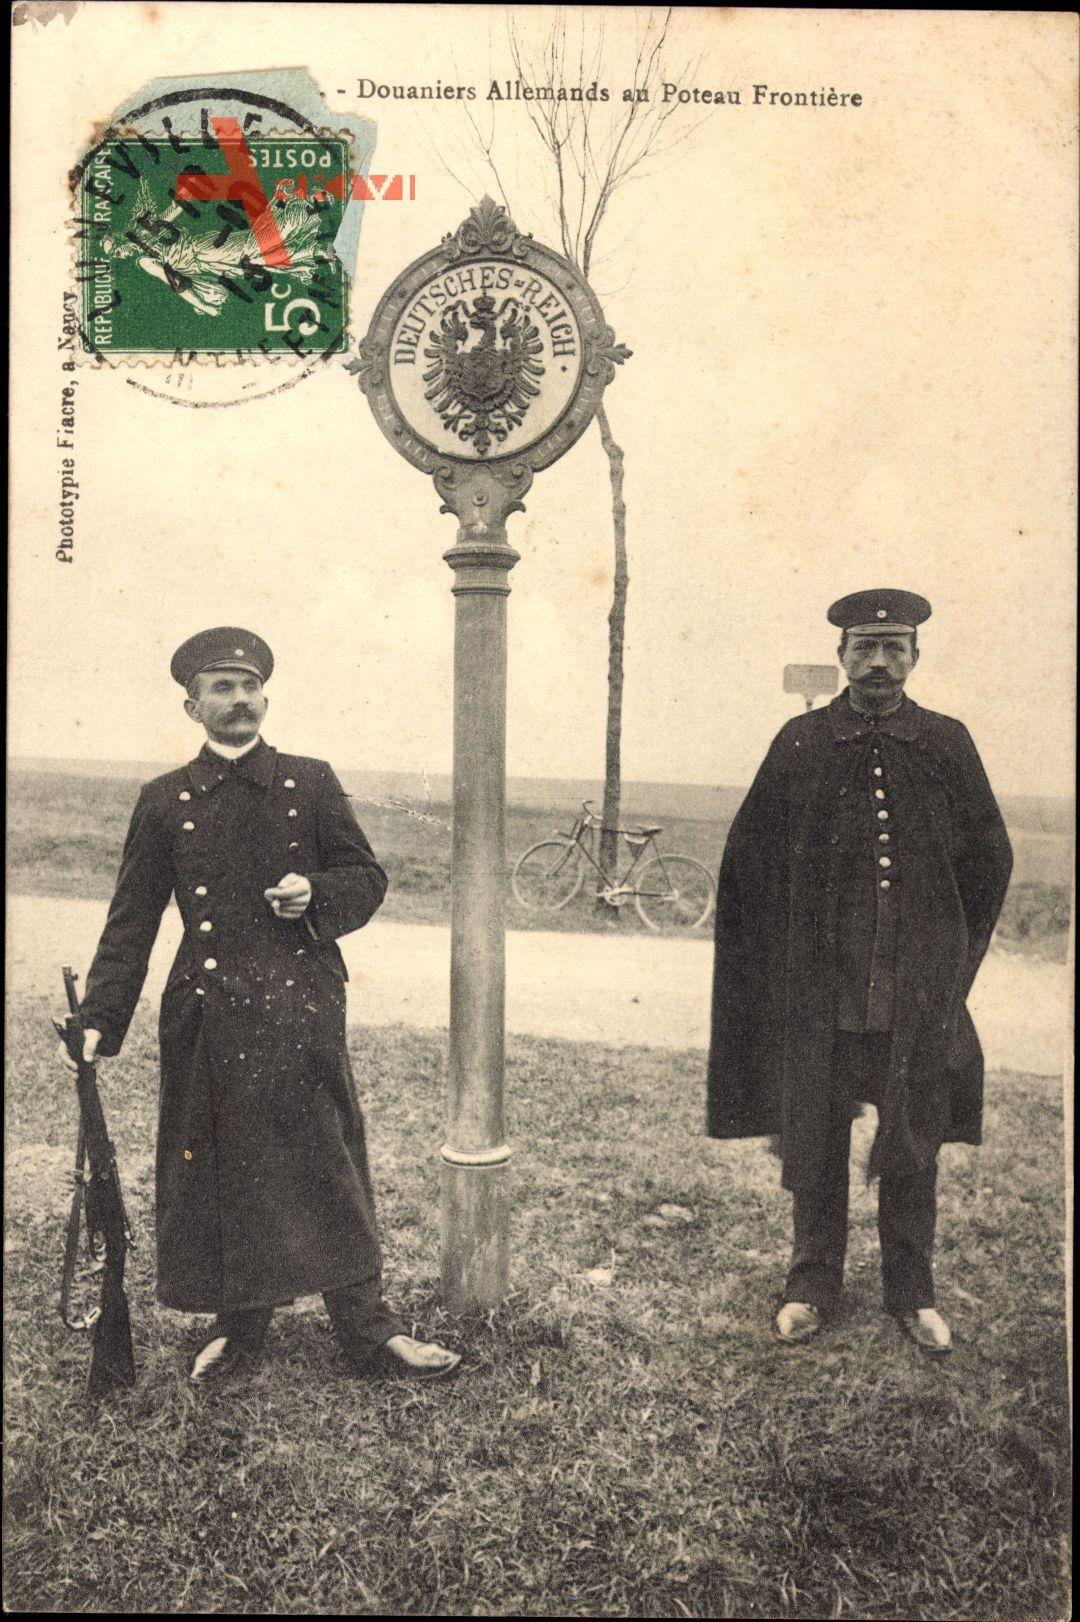 Douaniers Allemands au Poteau Frontière, Deutsche Grenzsoldaten